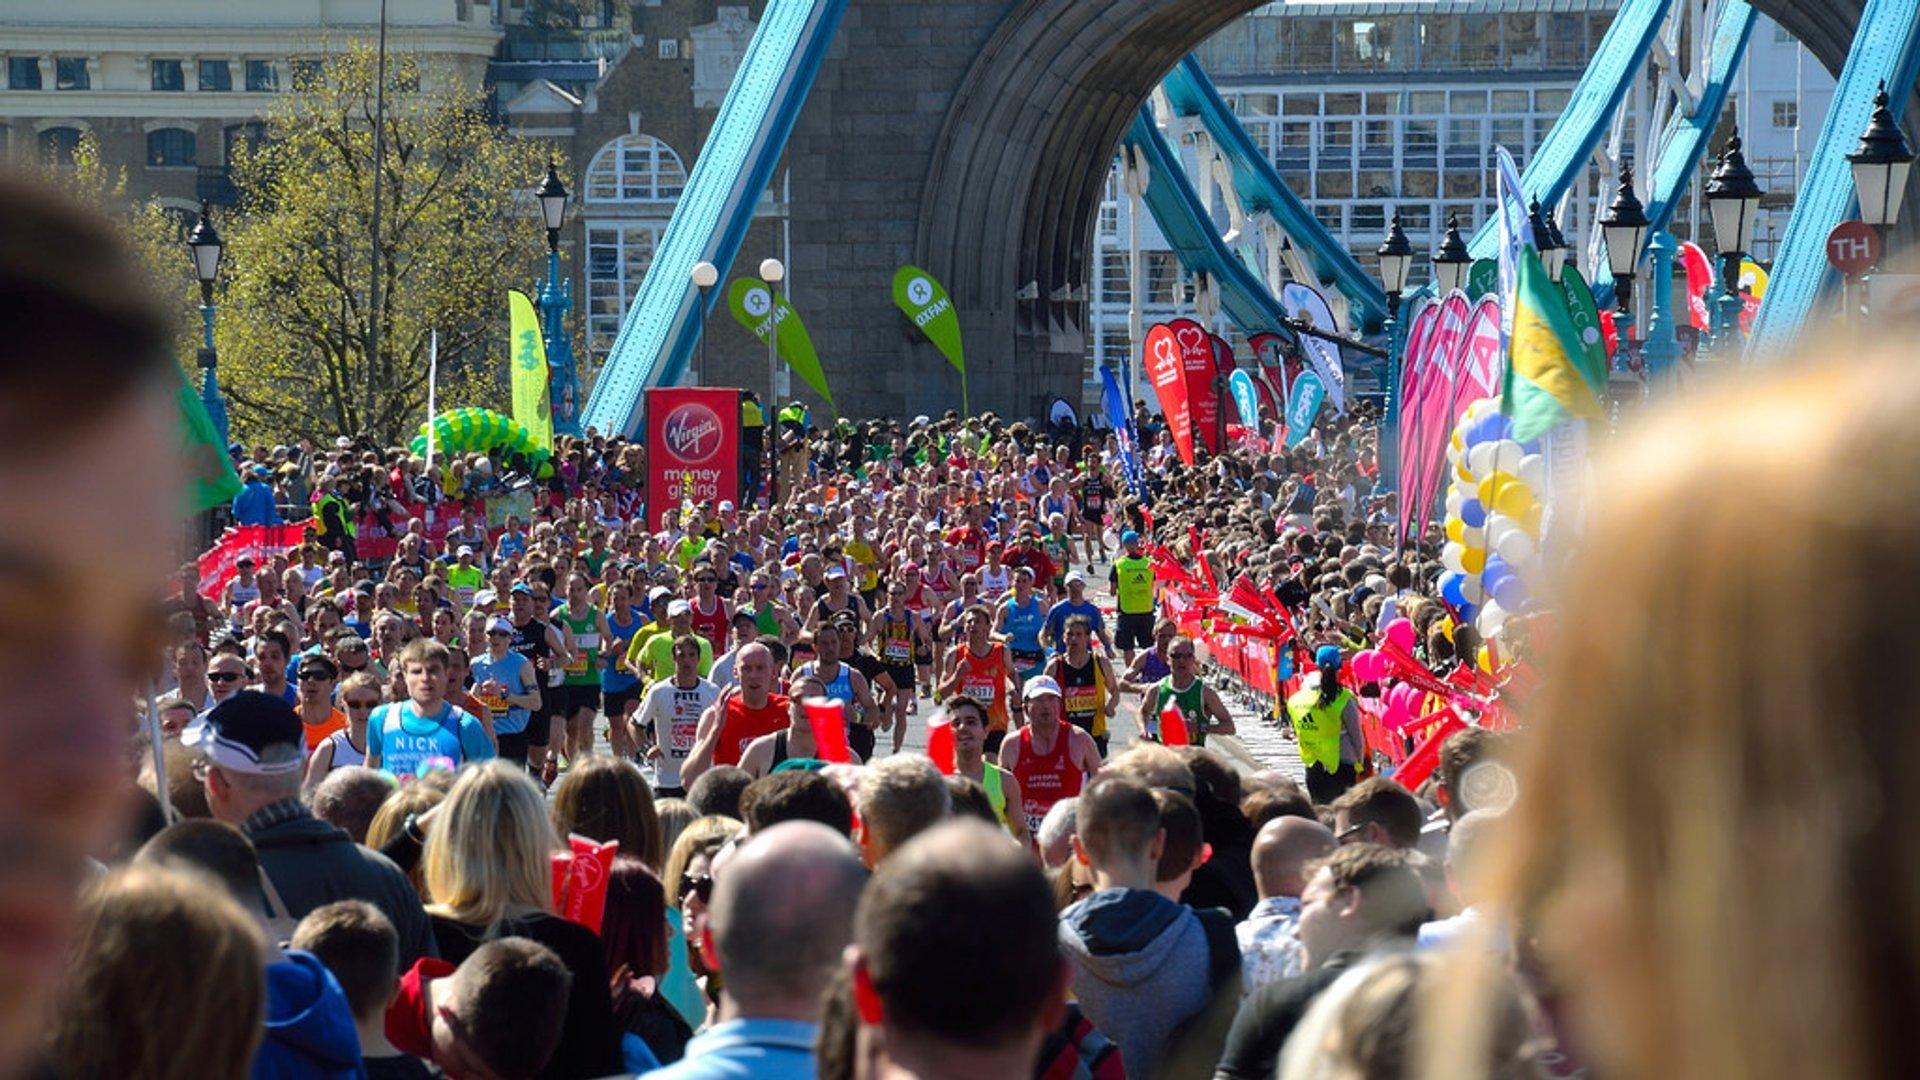 Virgin Money London Marathon in London 2020 - Best Time